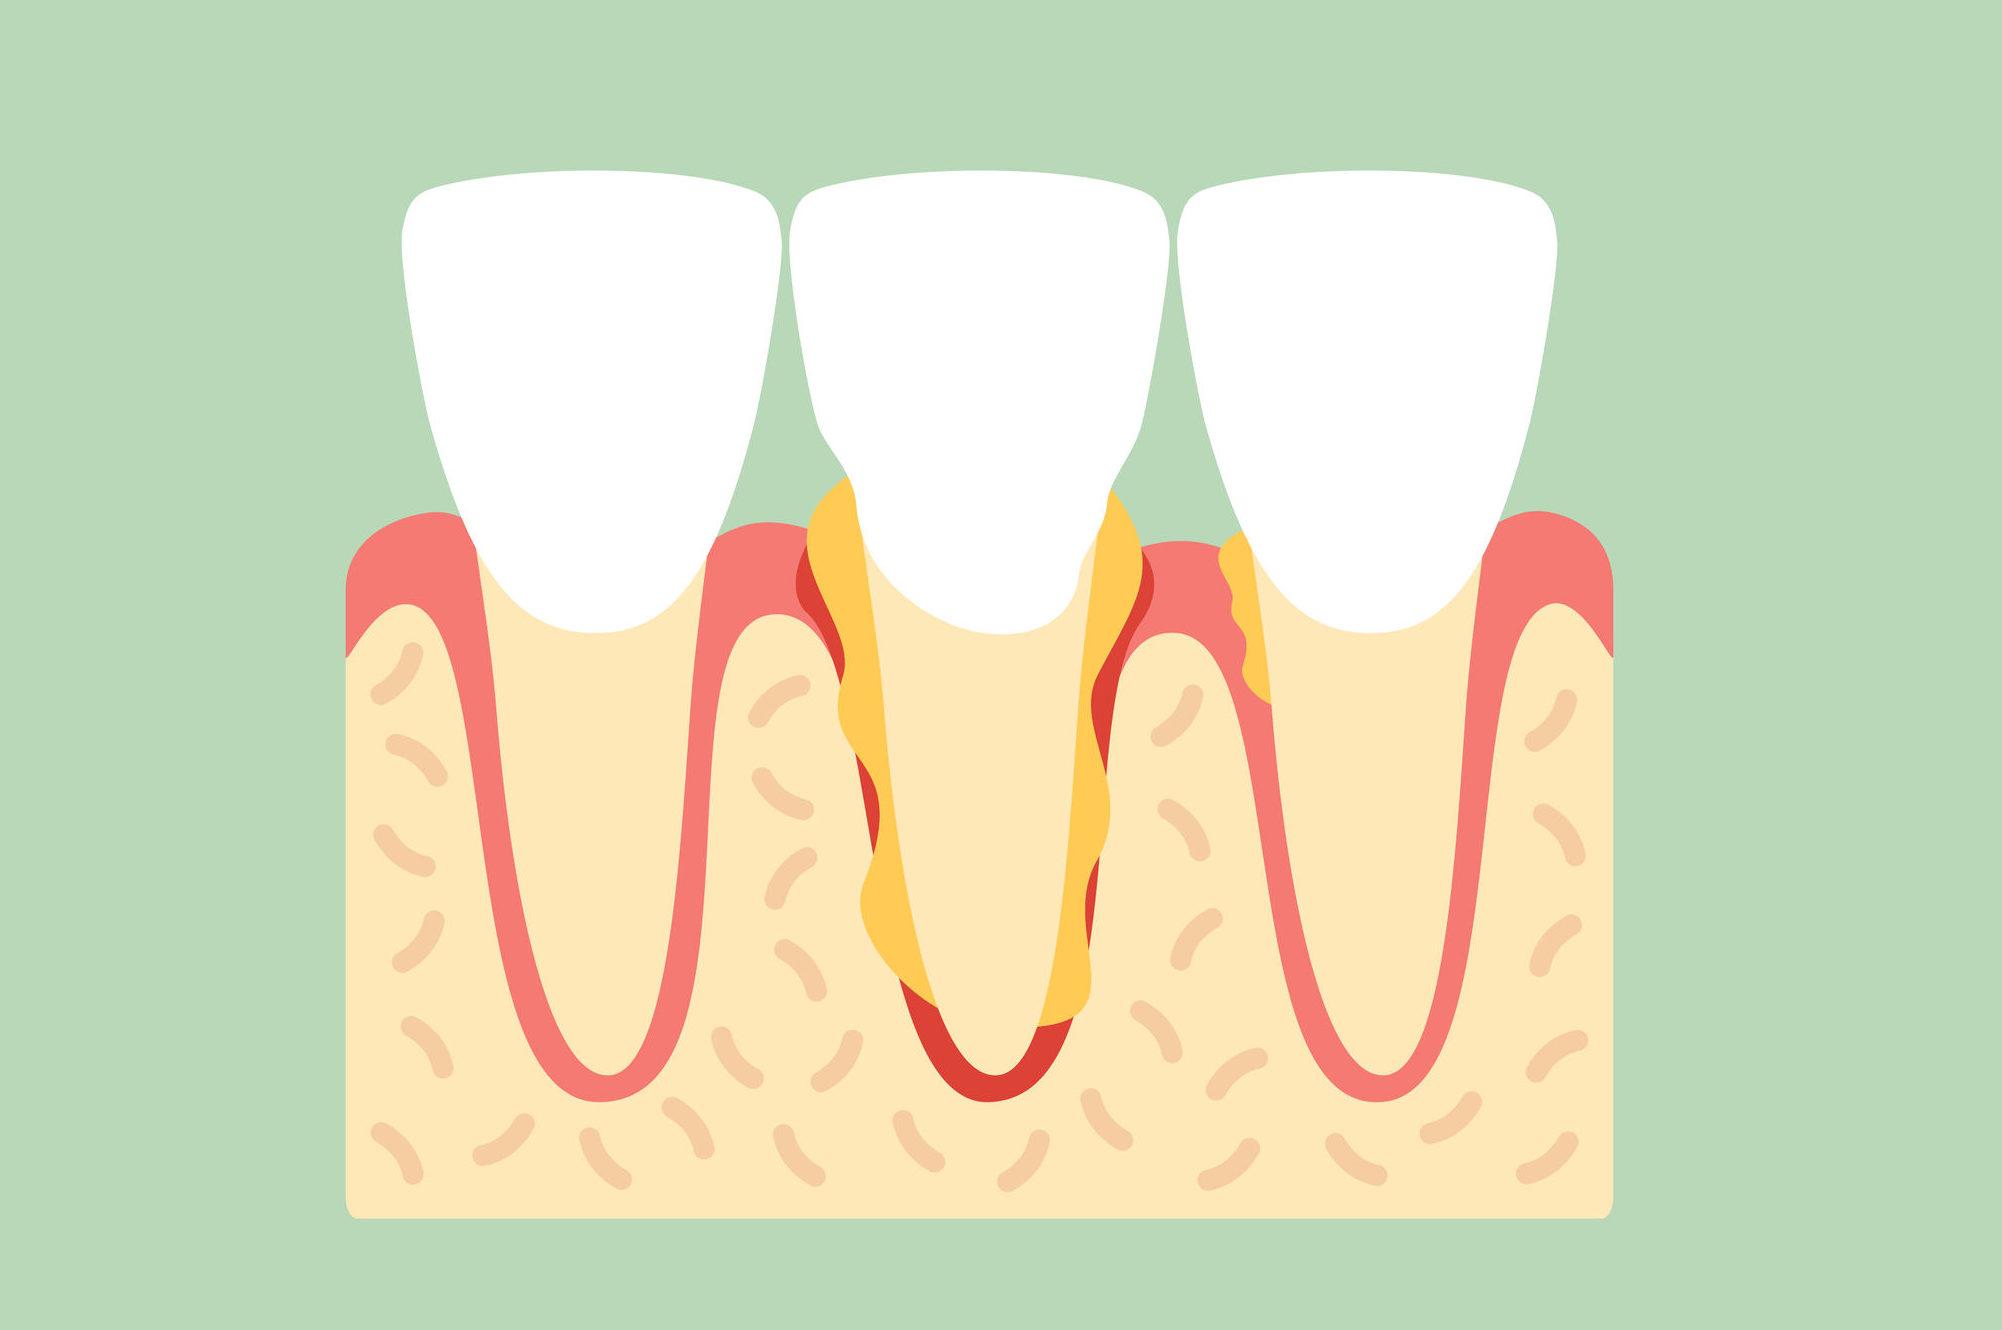 歯垢がたまり、歯石となっていくイメージ